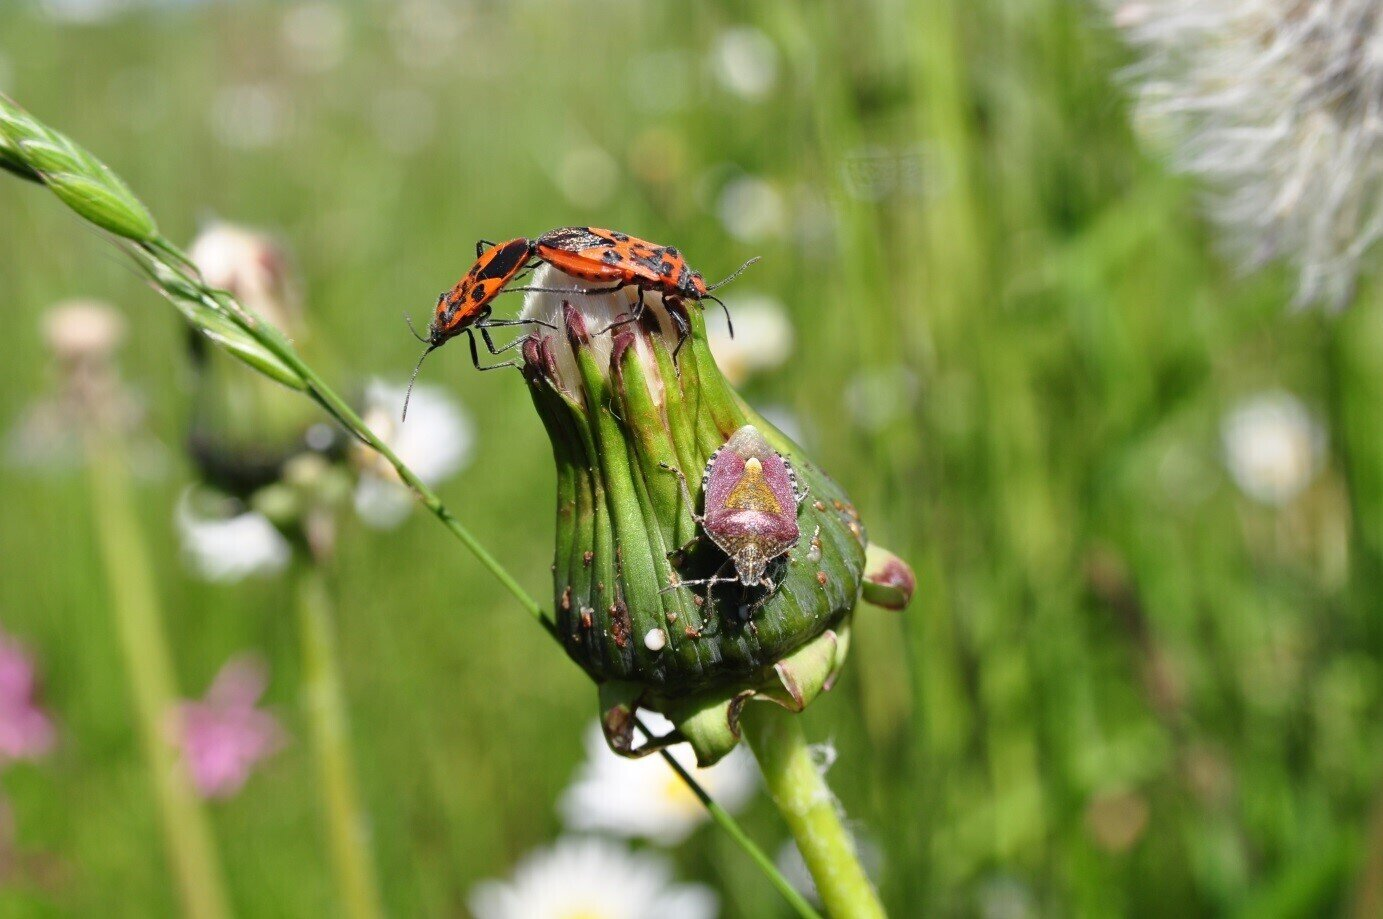 Pyrrhocoris apterus, Dolycoris baccarum (Heteroptera)